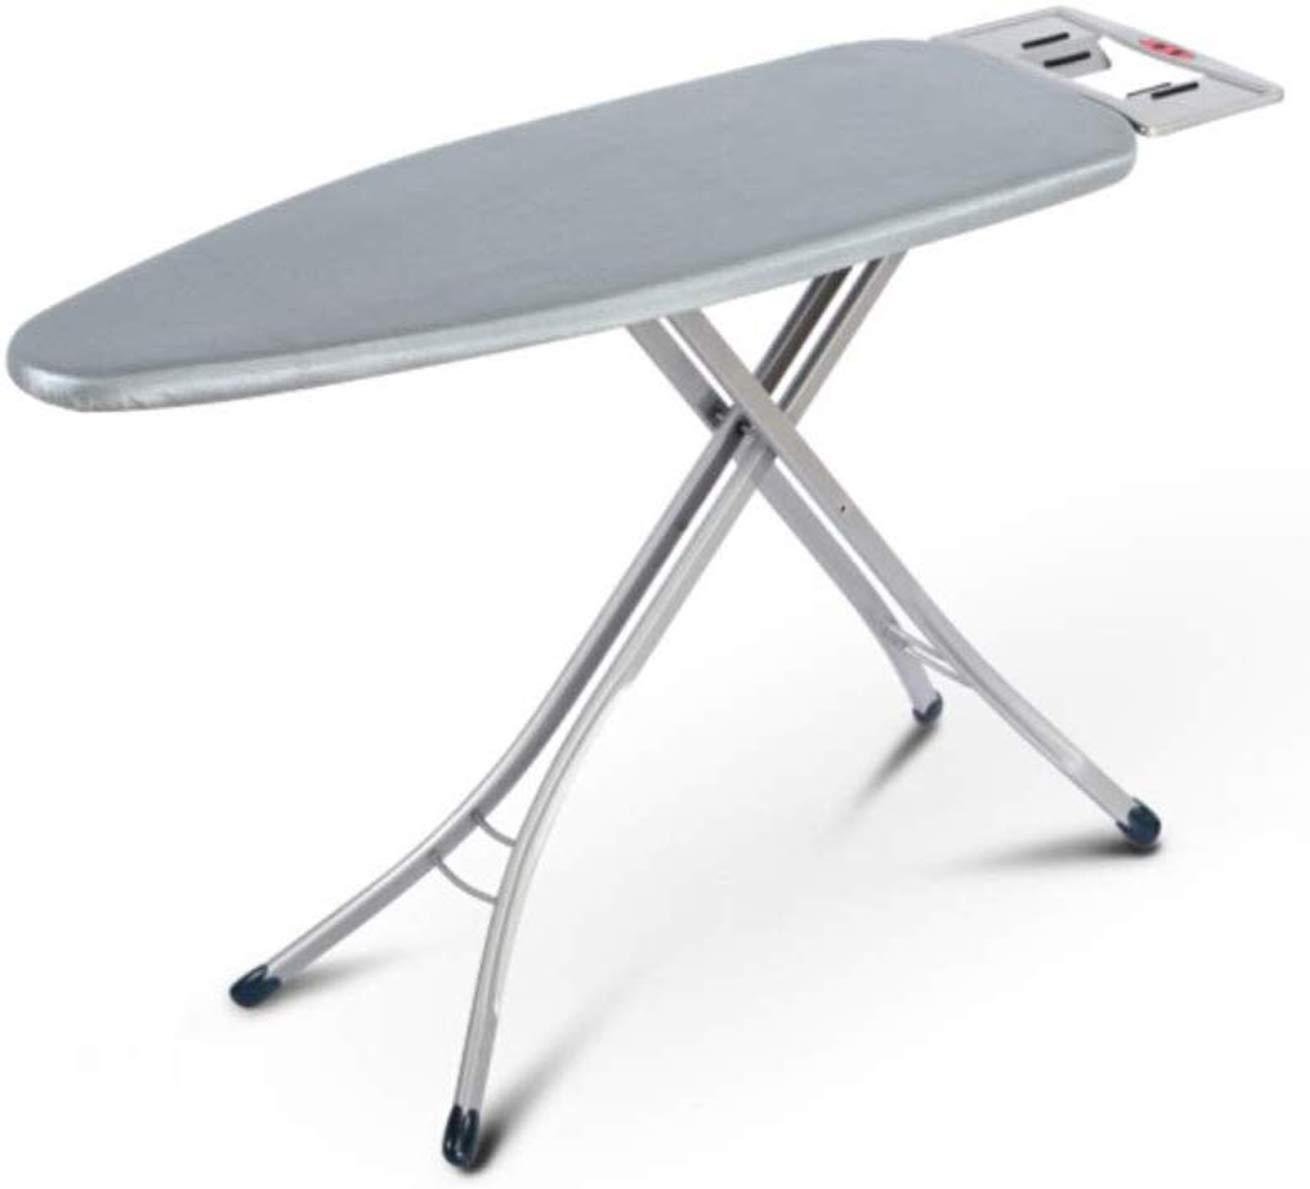 Aysis Ironing Board